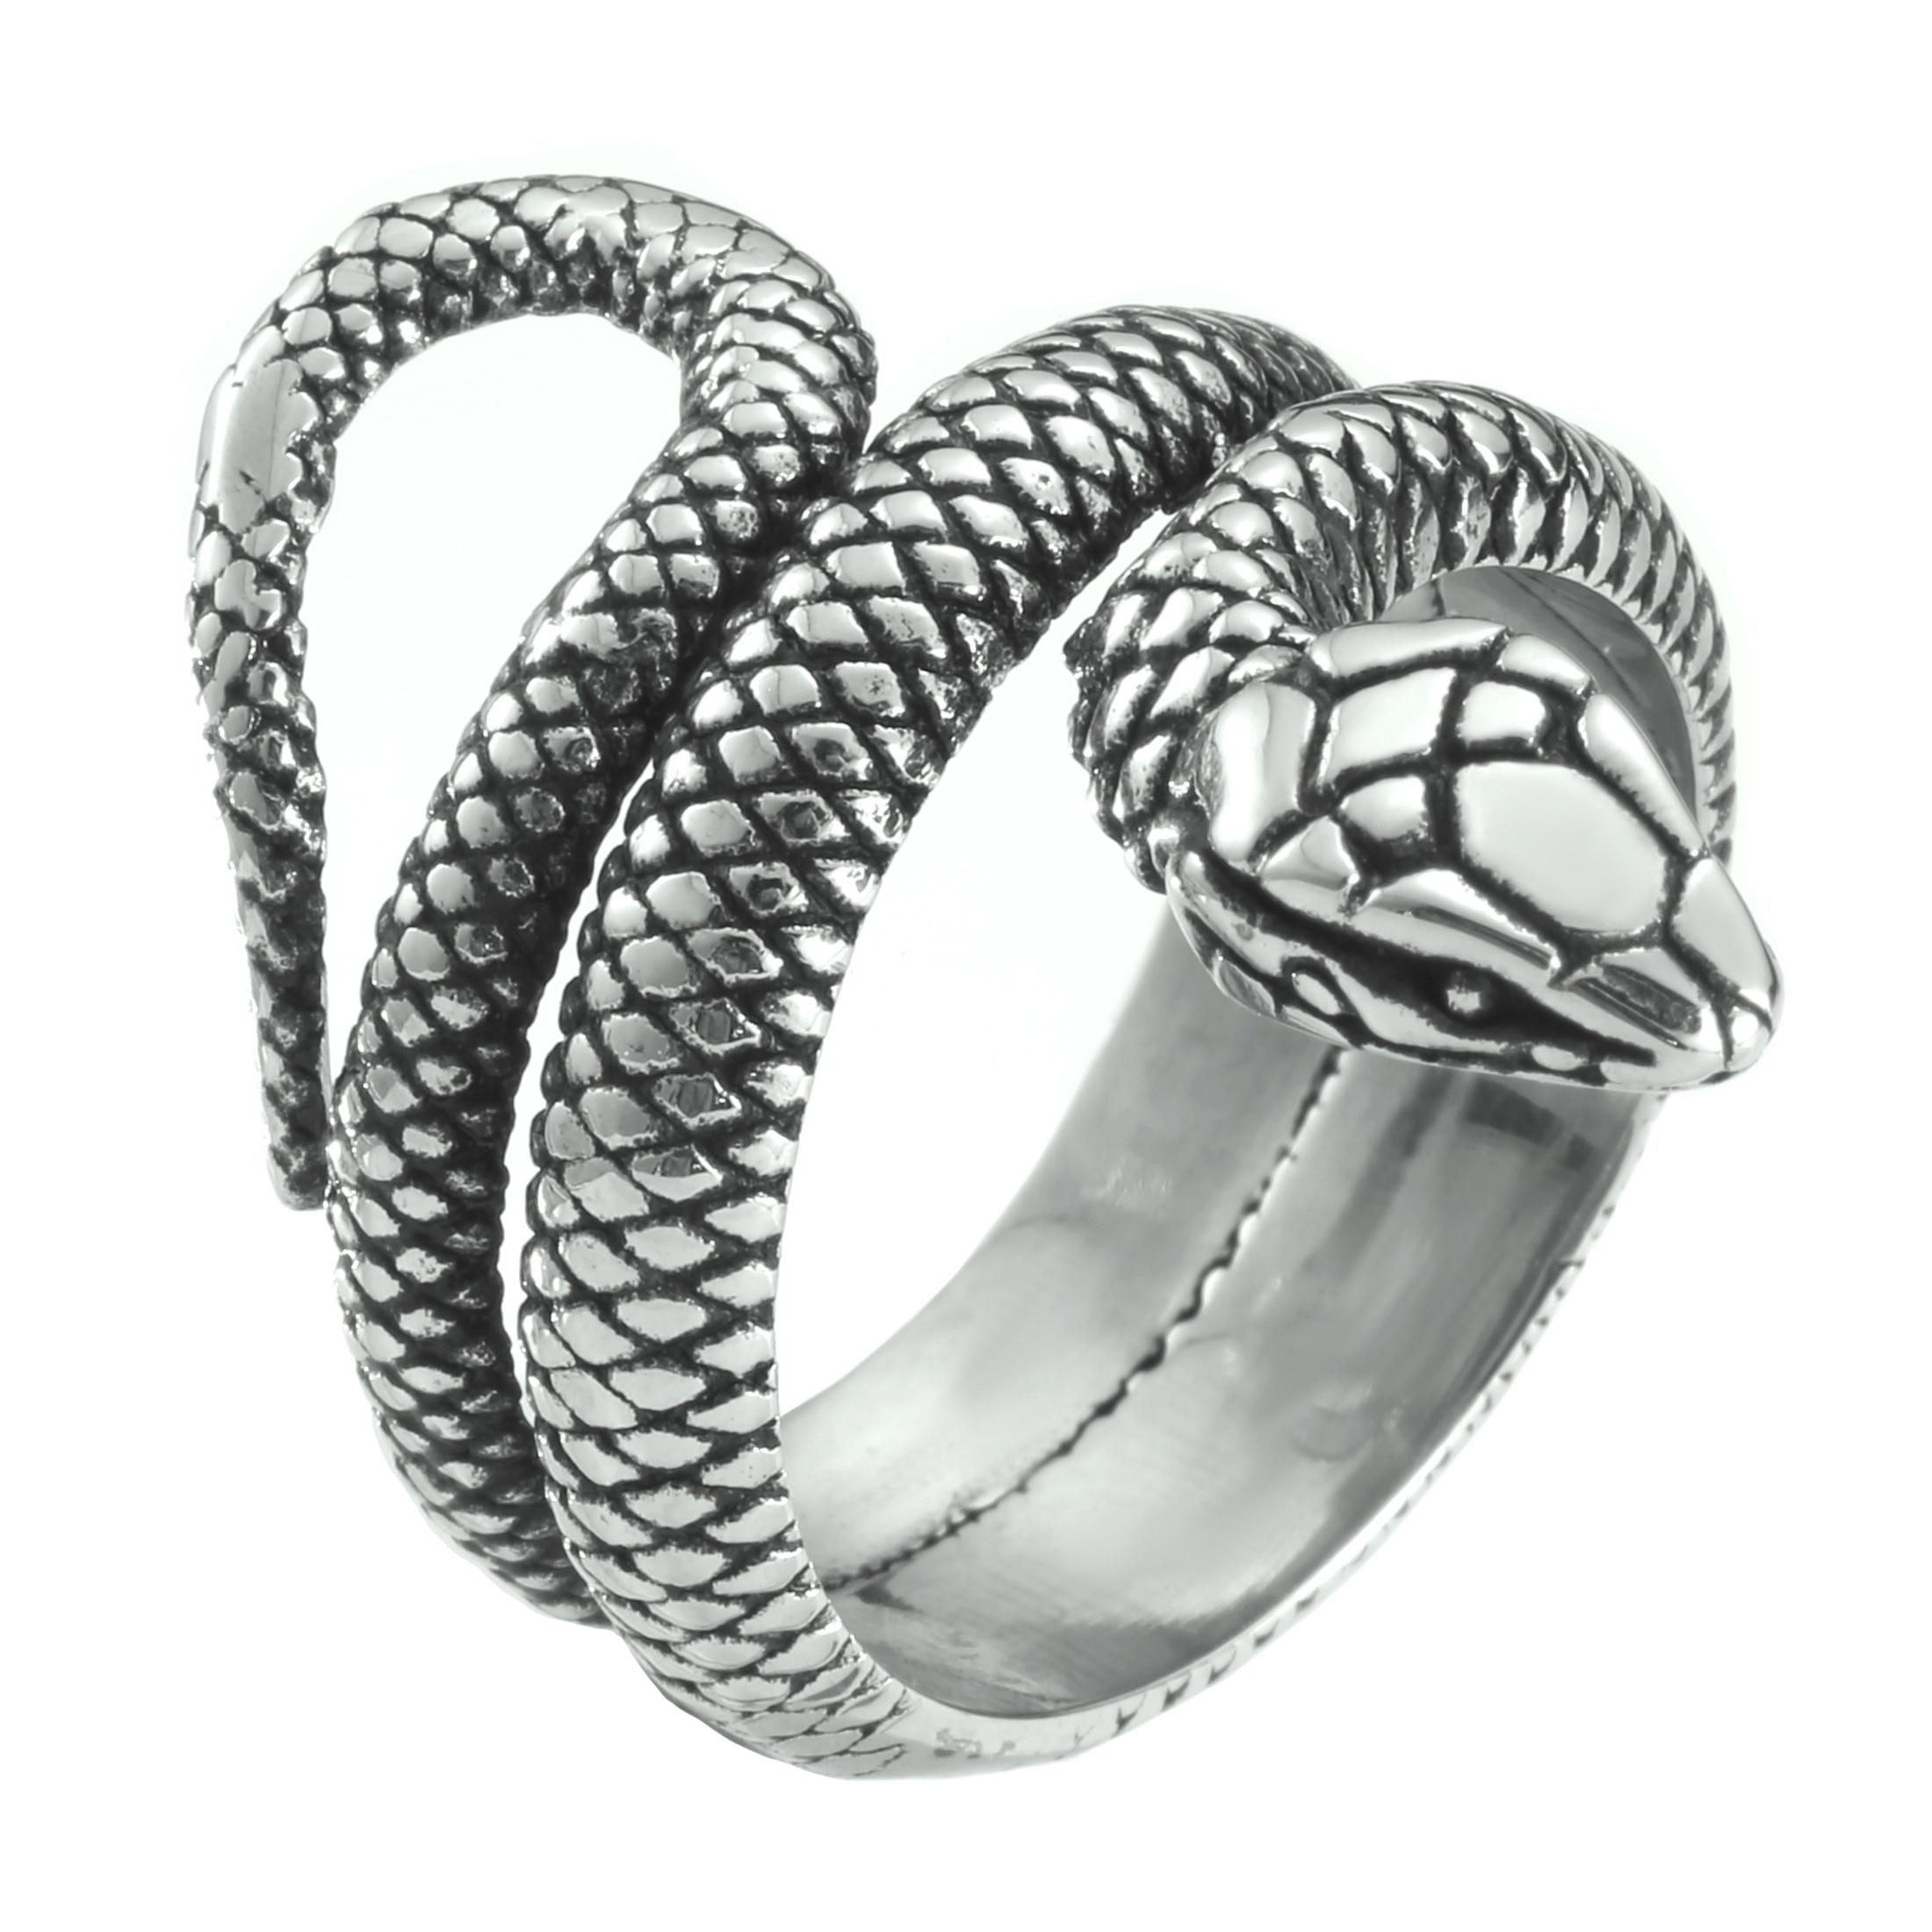 Anillo de serpiente unisex s/ólido de acero inoxidable 316L con forma de serpiente estilo punk 7 tama/ños